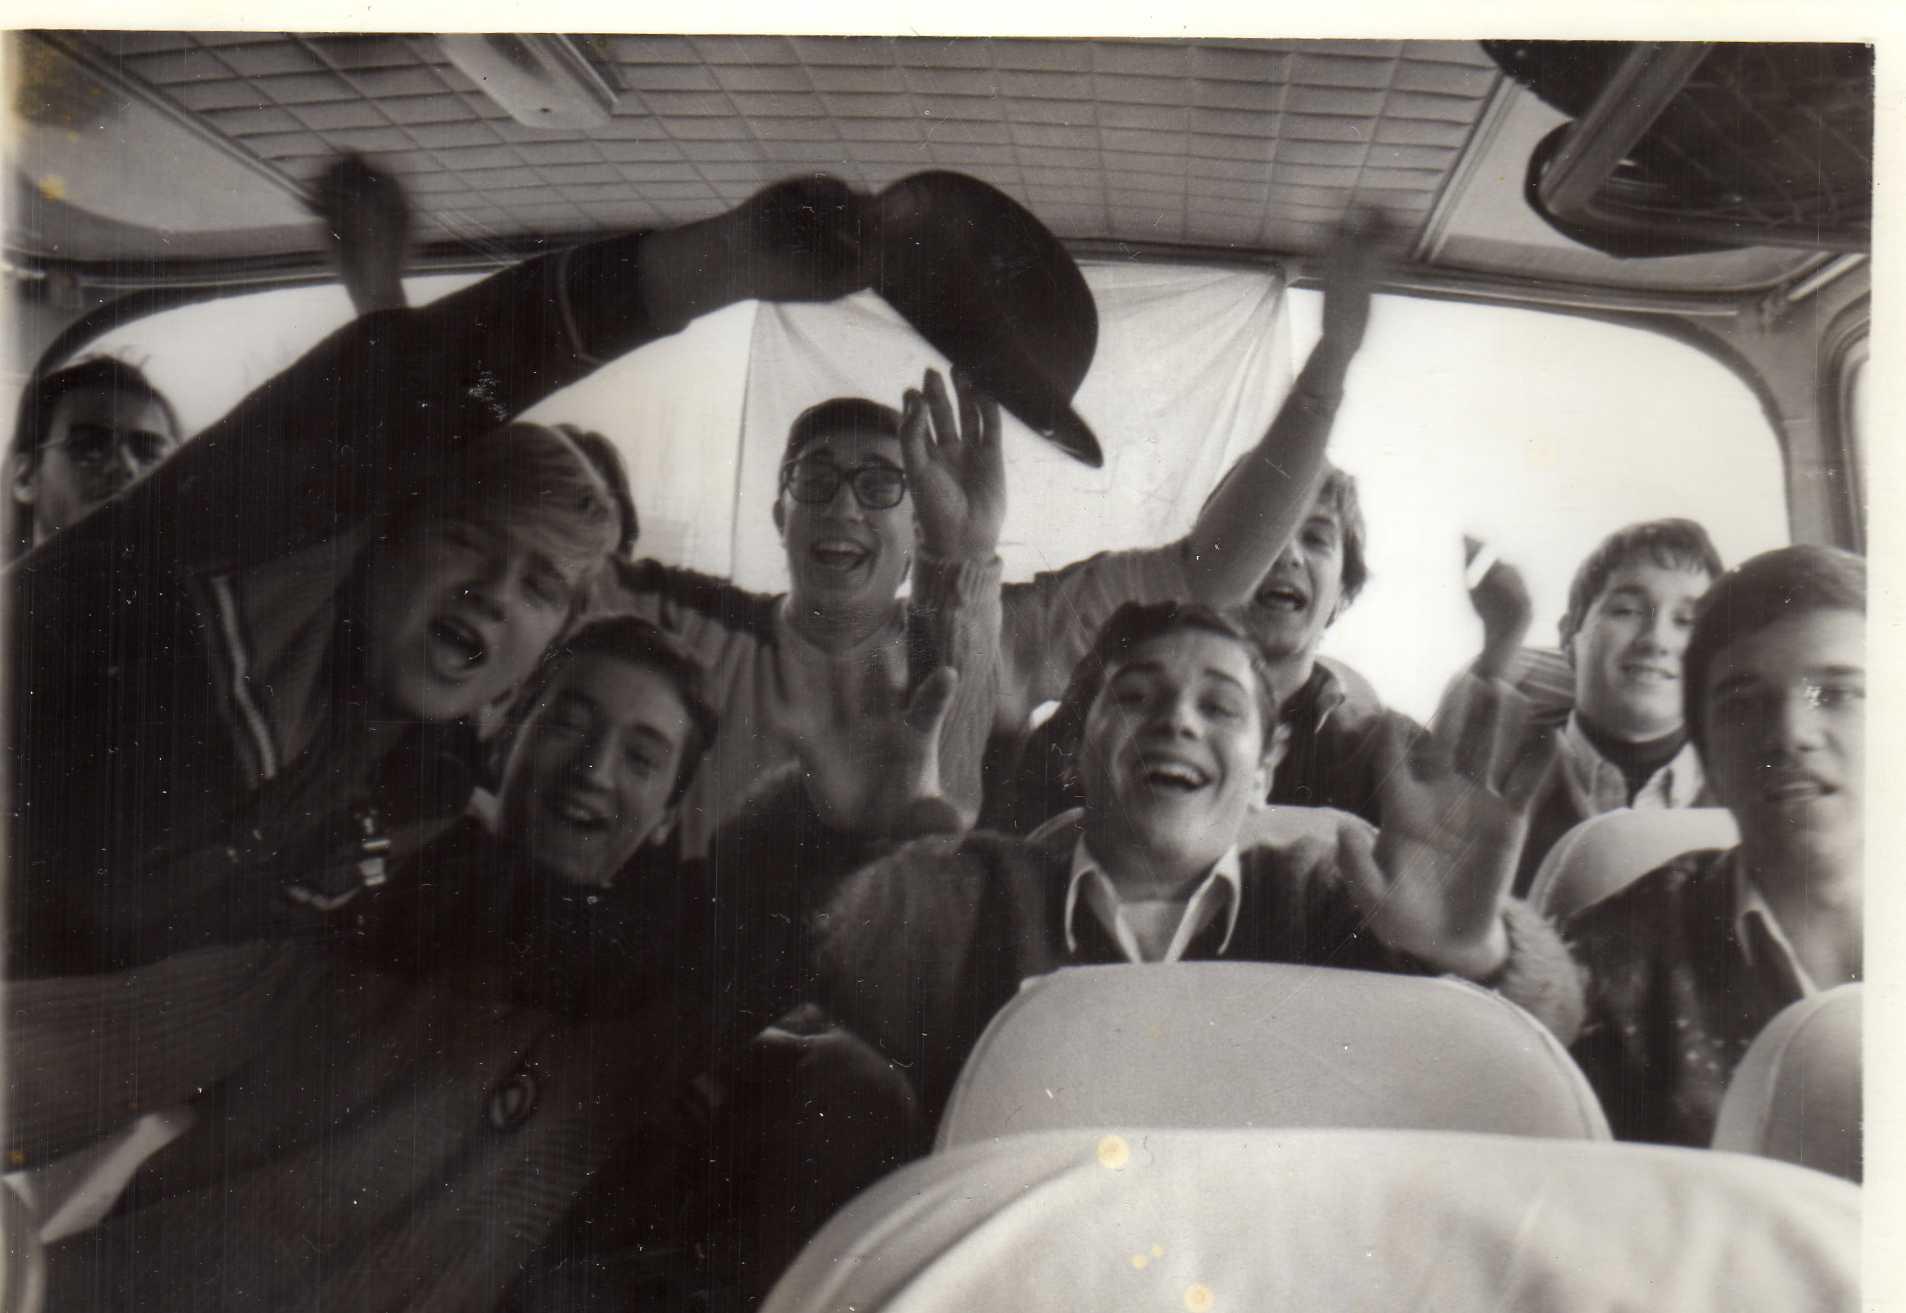 Una invasión demente a Zaragoza en 1981